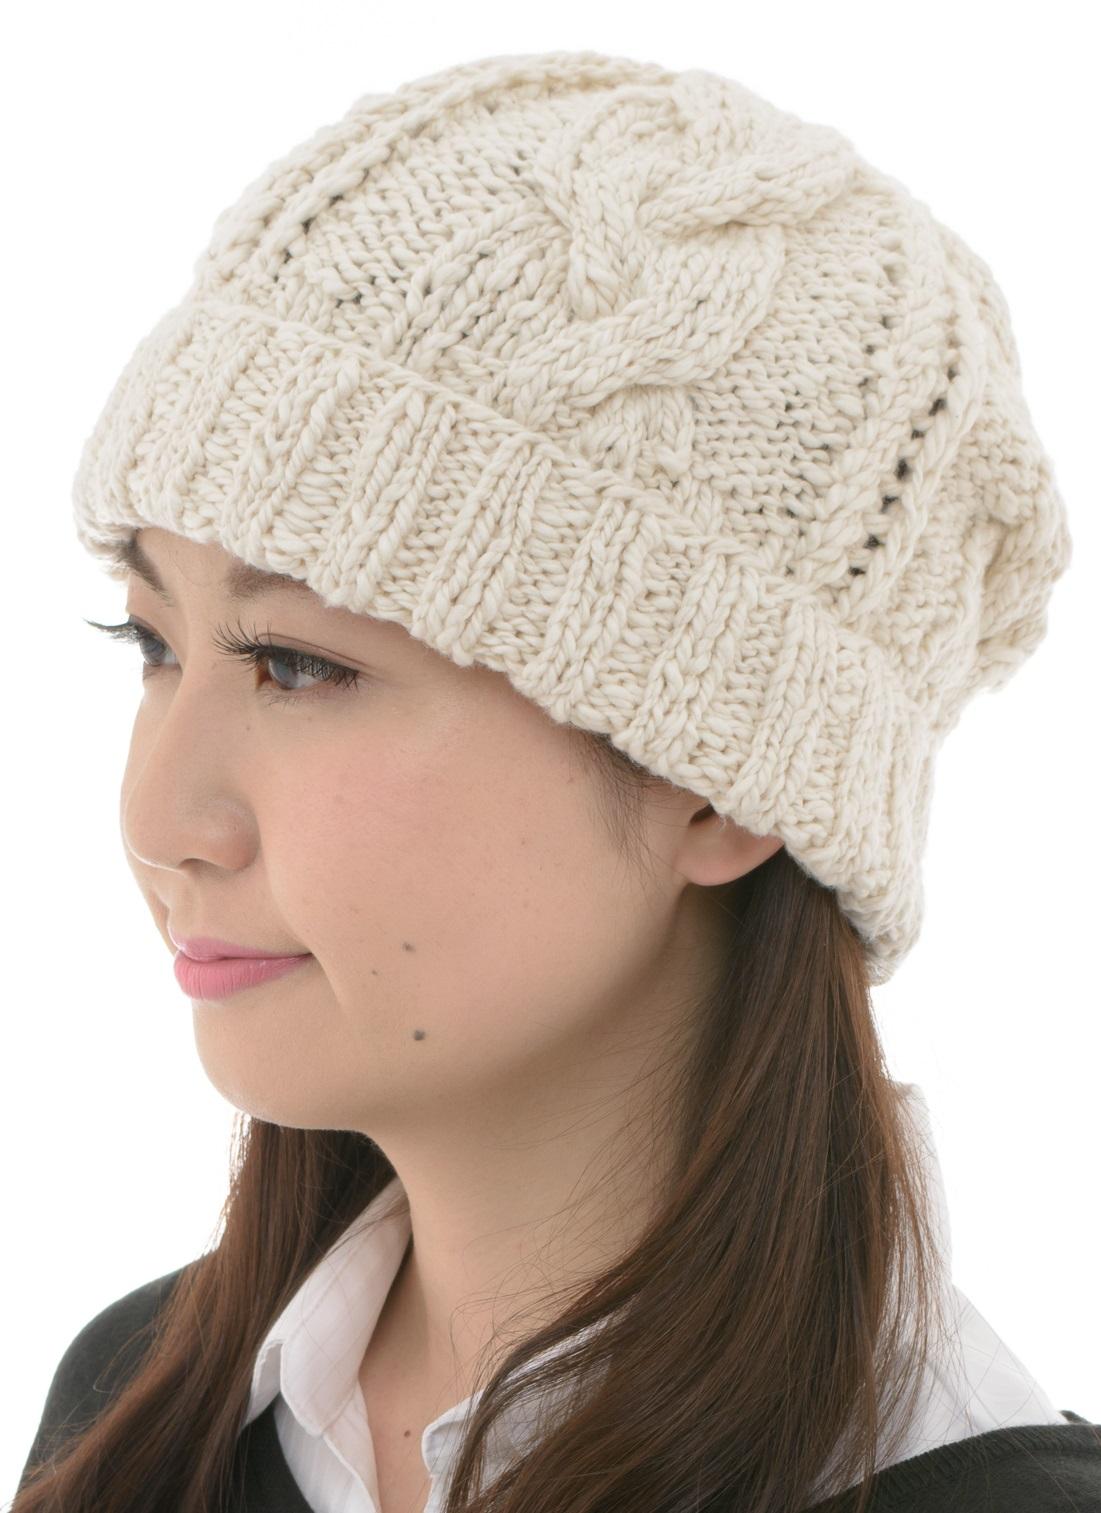 ニット帽子 あったかシリーズ オーガニックコットン 無染色 縄編みニット帽子 NOC日本オーガニックコットン流通機構認定商品